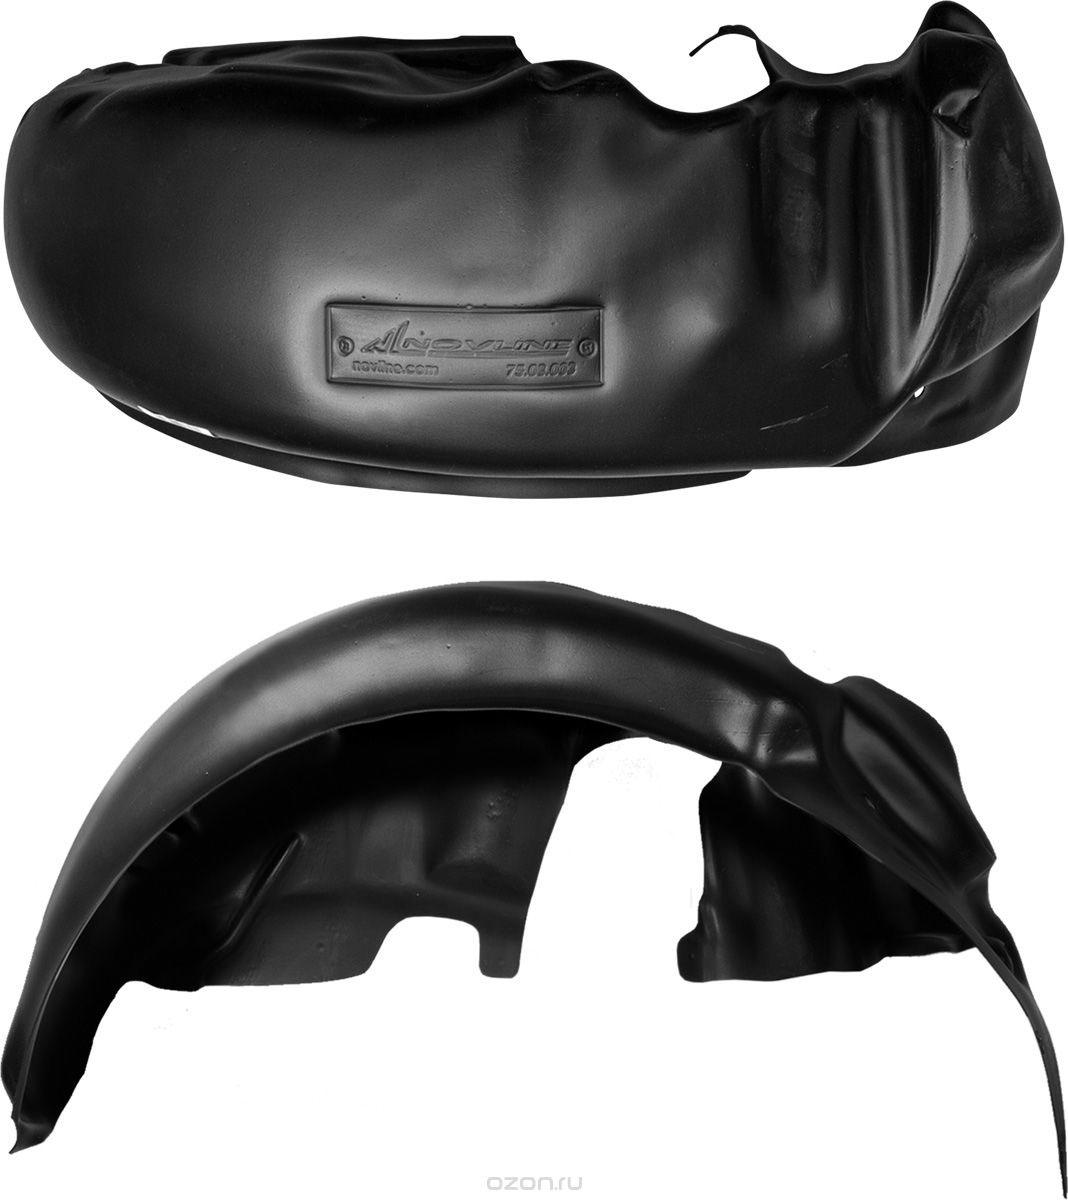 Подкрылок Novline-Autofamily, для PEUGEOT 107 2005-2014, передний левый190202Идеальная защита колесной ниши. Локеры разработаны с применением цифровых технологий, гарантируют максимальную повторяемость поверхности арки. Изделия устанавливаются без нарушения лакокрасочного покрытия автомобиля, каждый подкрылок комплектуется крепежом. Уважаемые клиенты, обращаем ваше внимание, что фотографии на подкрылки универсальные и не отражают реальную форму изделия. При этом само изделие идет точно под размер указанного автомобиля.